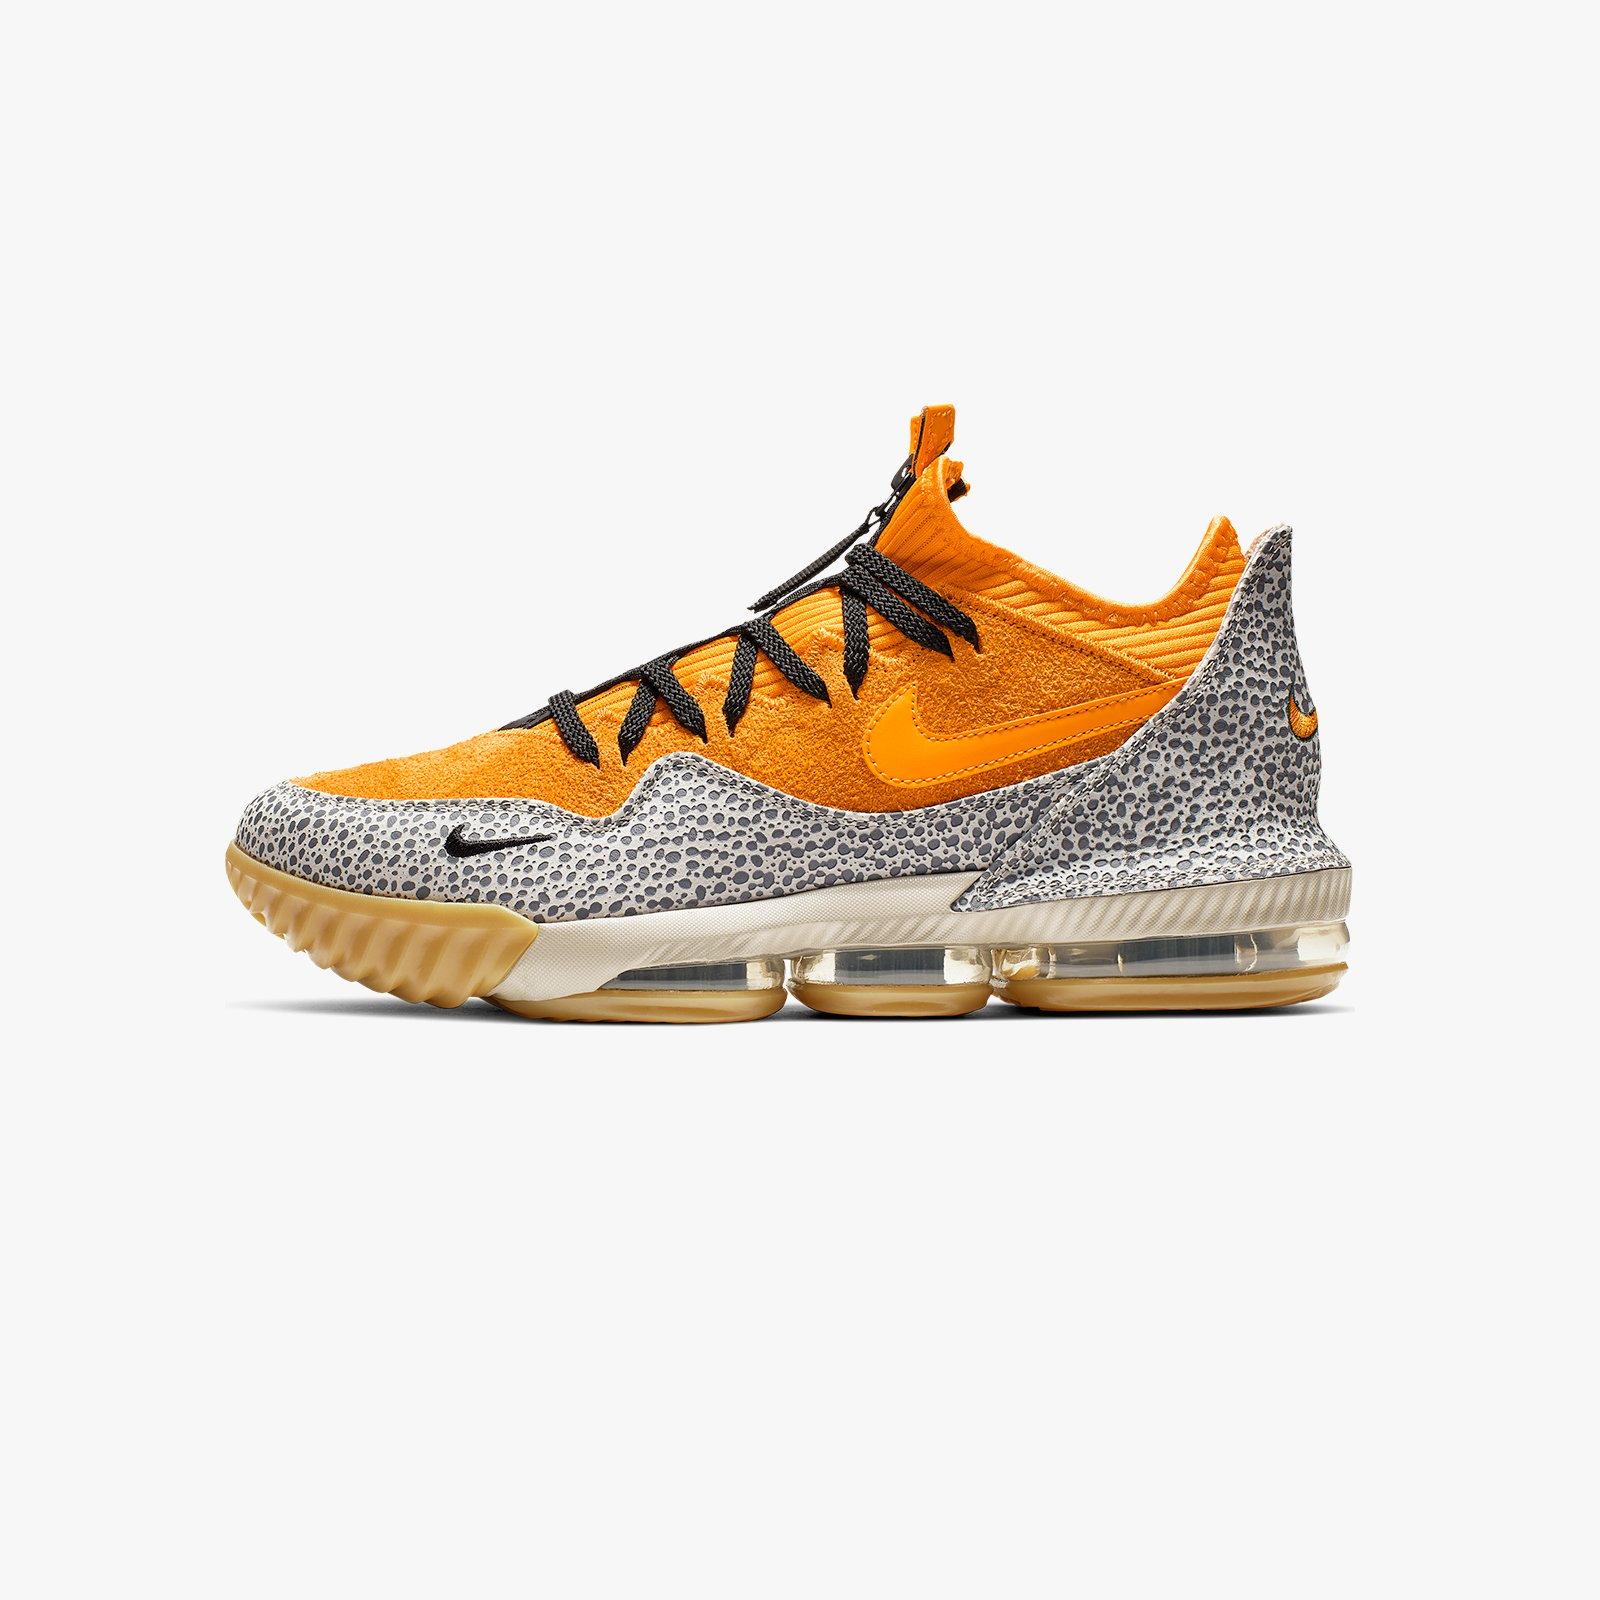 2041106af4ea Nike LeBron XVI Low AC - Cd9471-800 - Sneakersnstuff